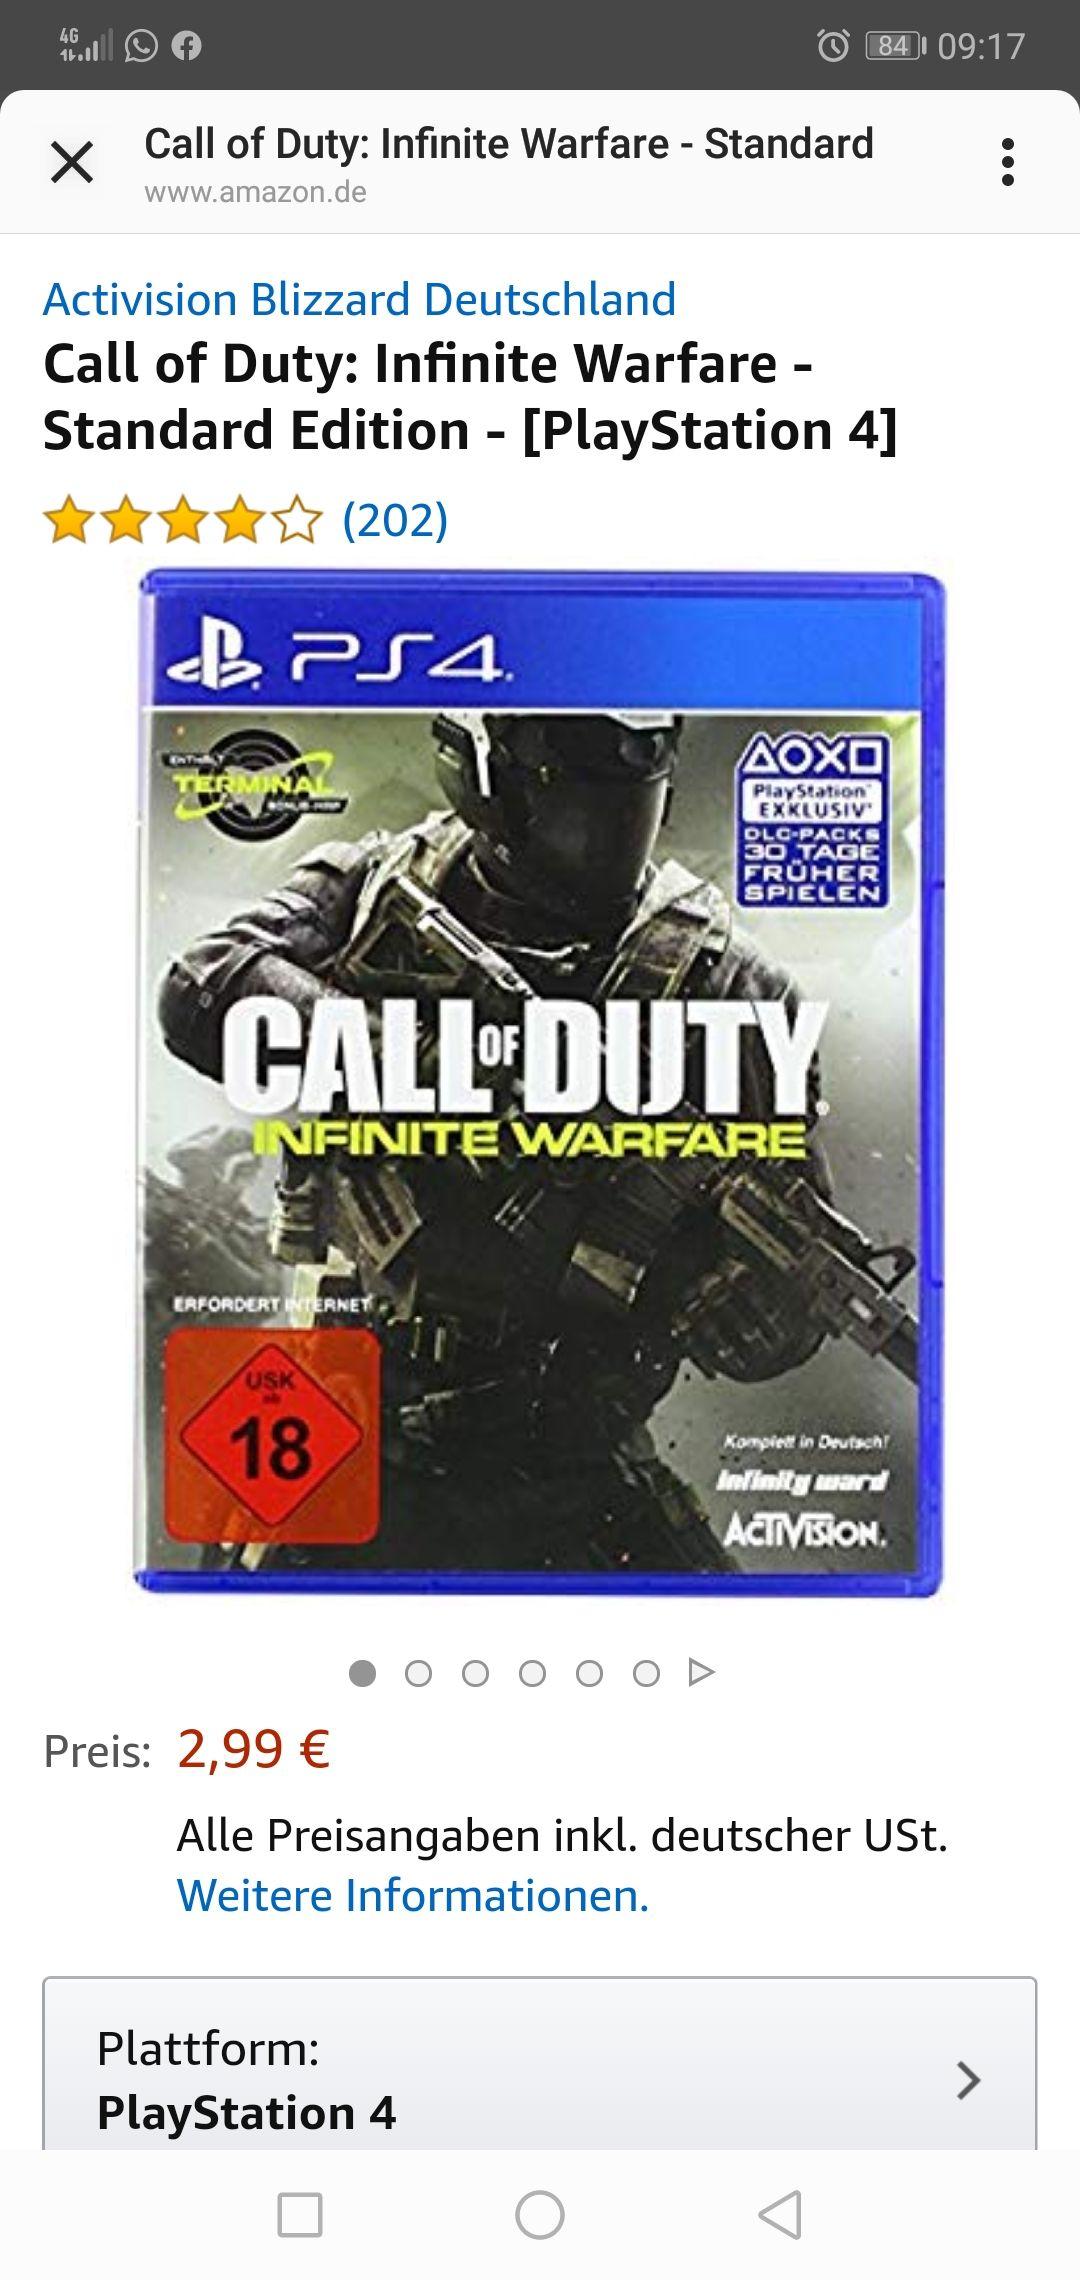 Amazon Prime - CoD Infinite Warfare für PS4 - ohne Prime 5€ Versand